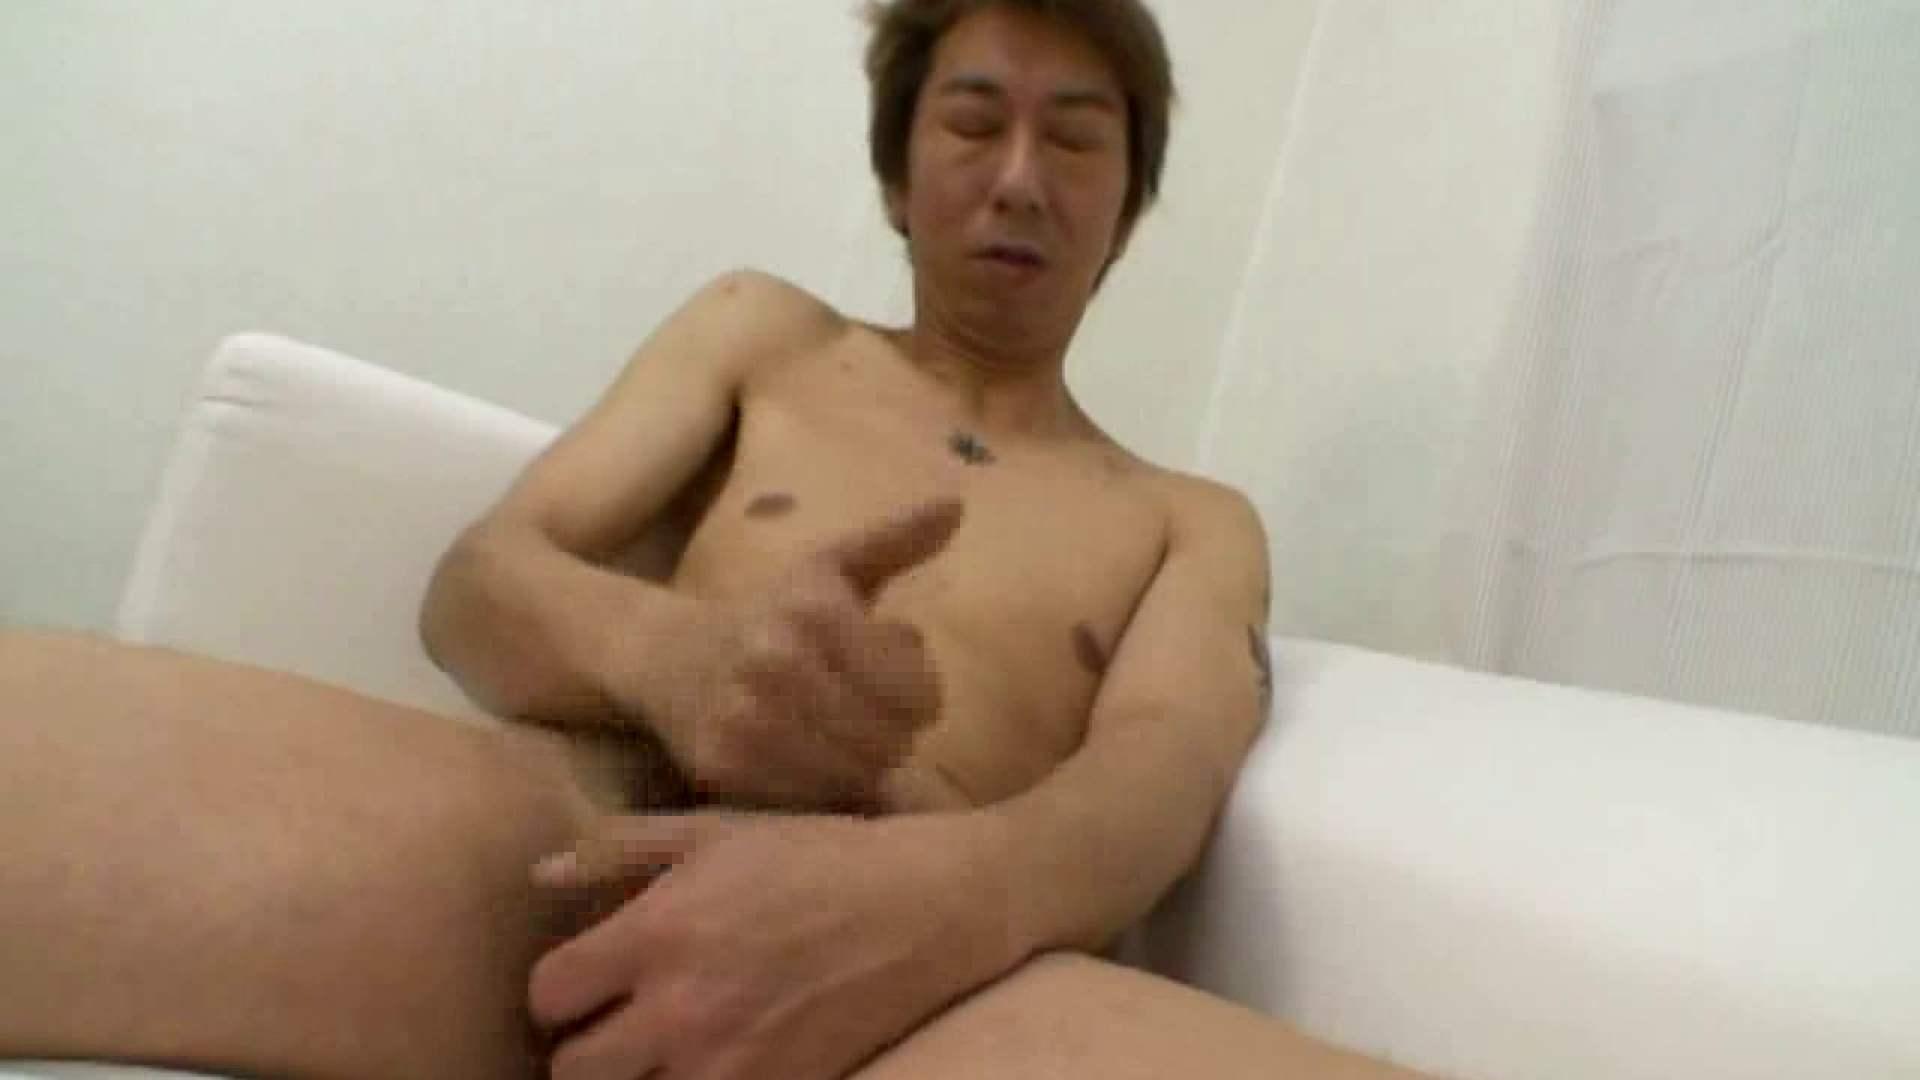 ノンケ!自慰スタジオ No.20 素人 ゲイ精子画像 94枚 75